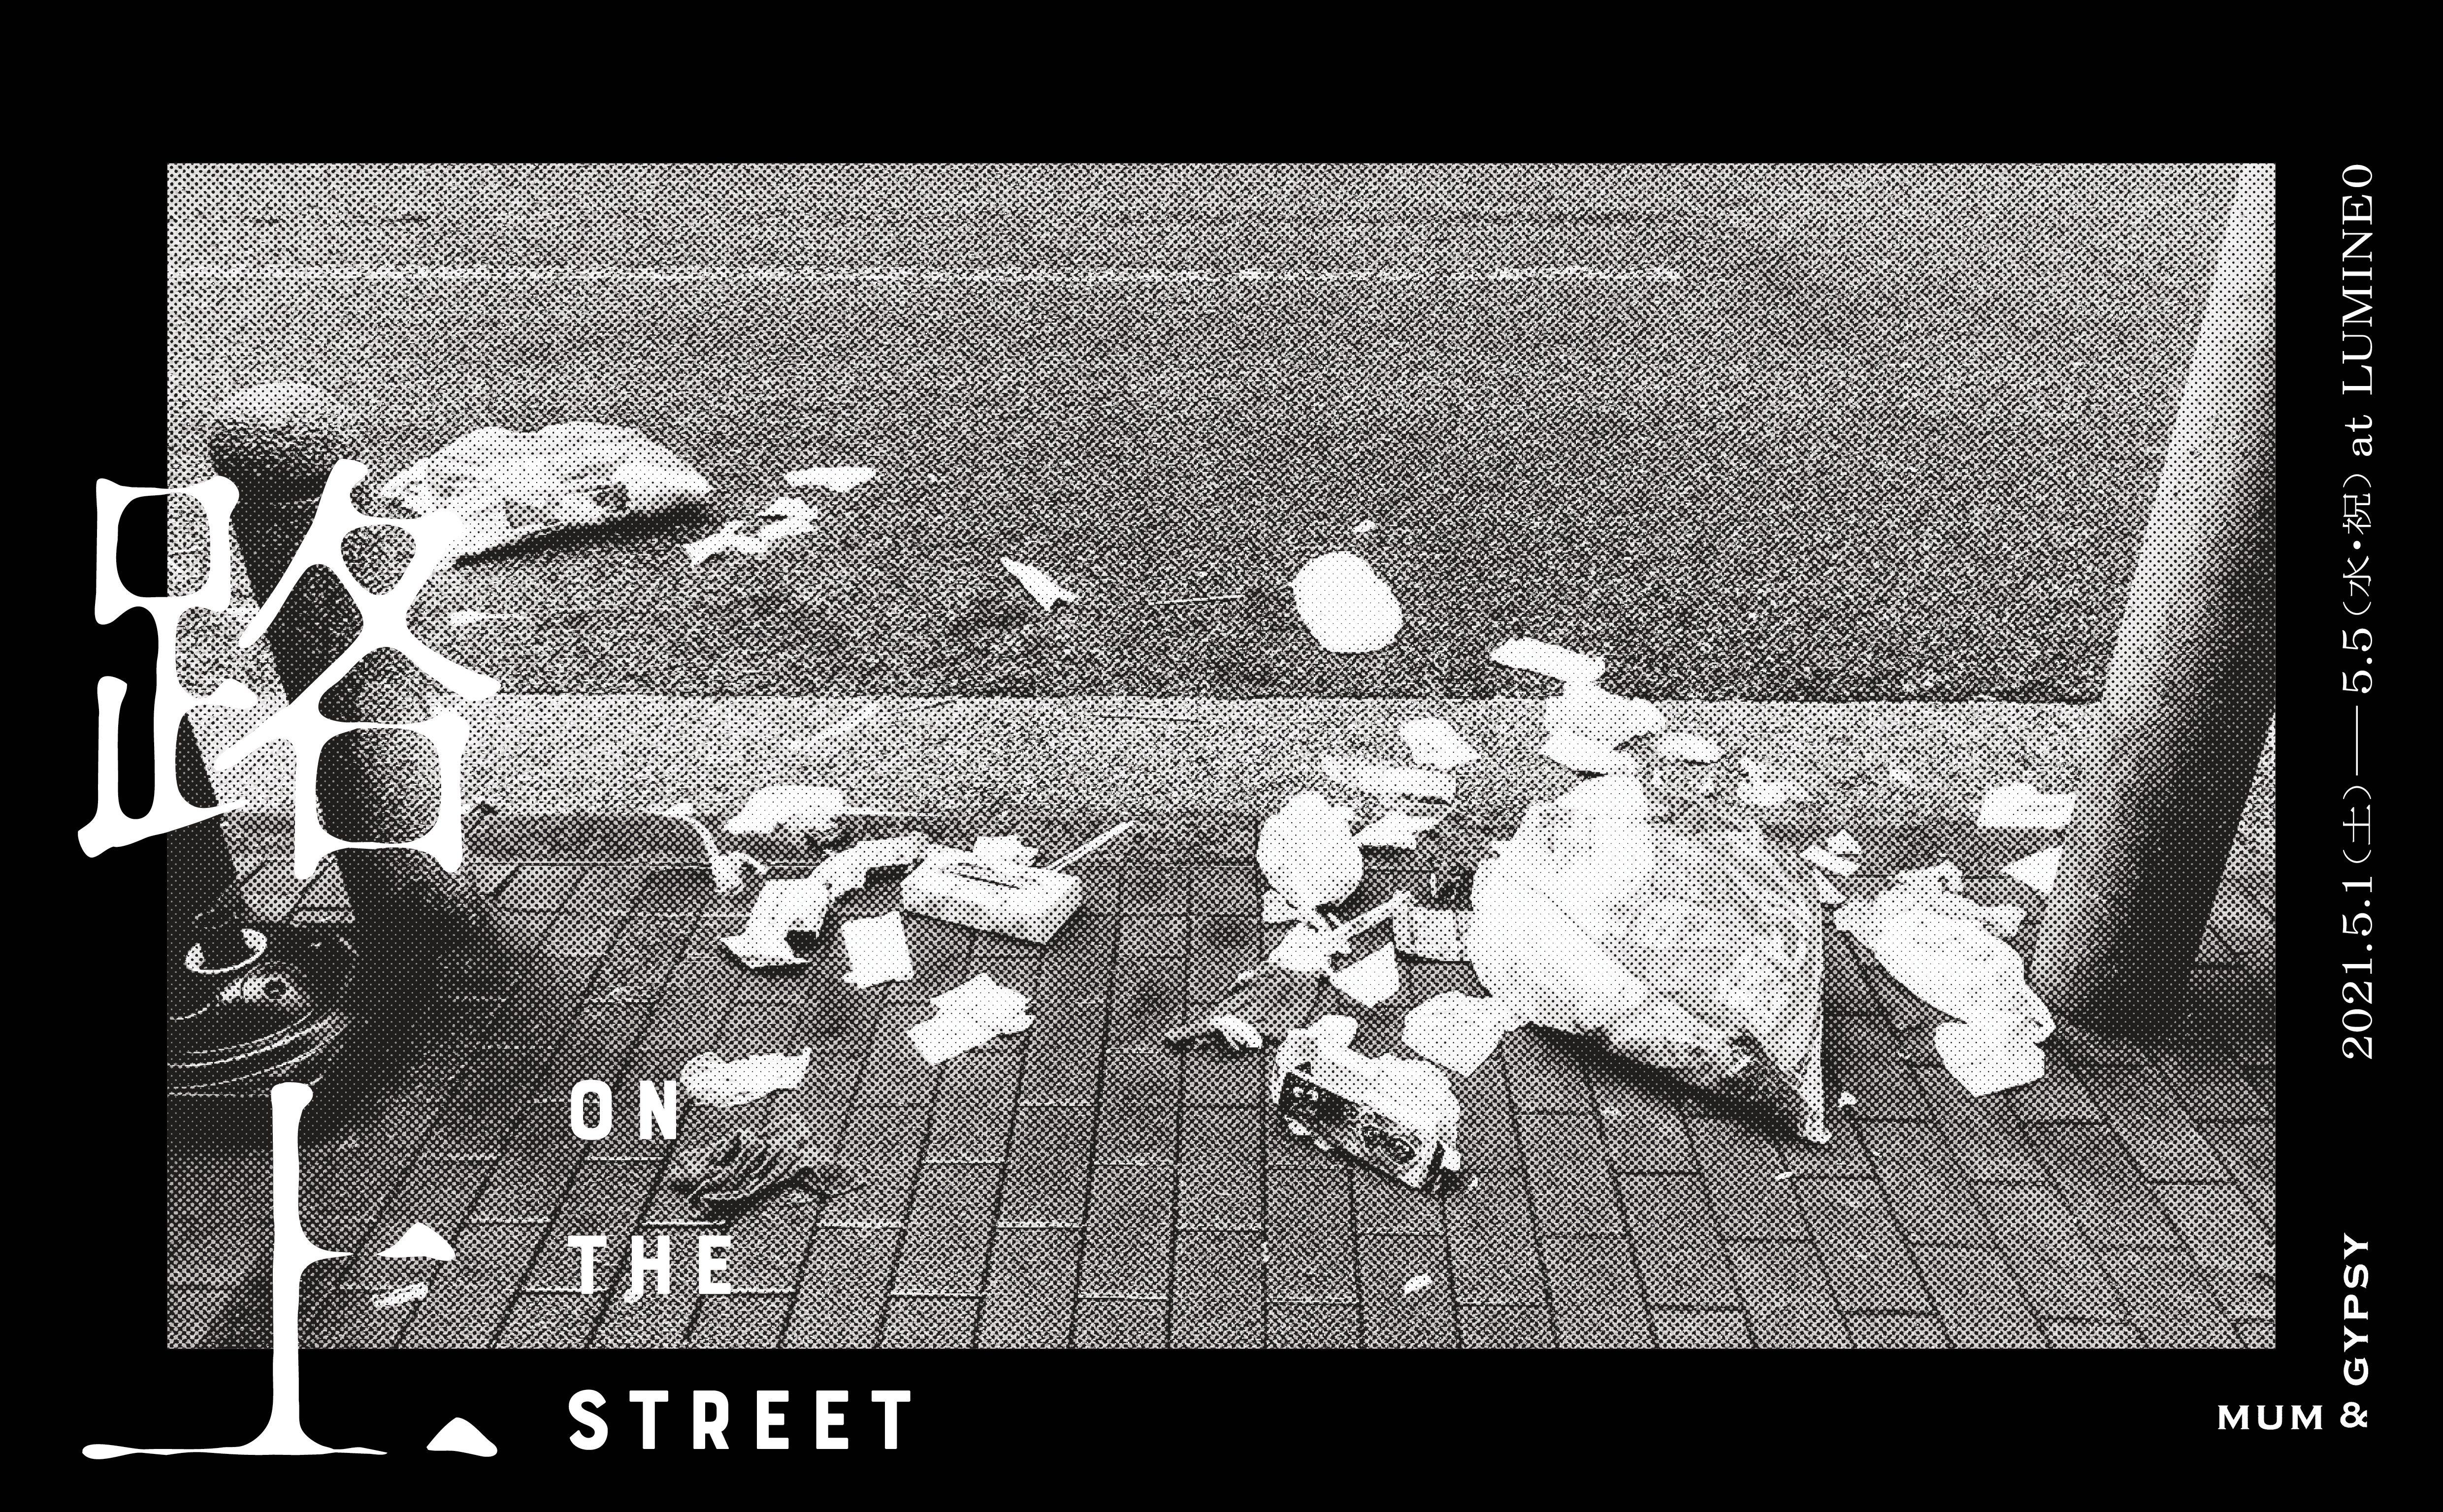 <重要>「路上 ON THE STREET」上演について